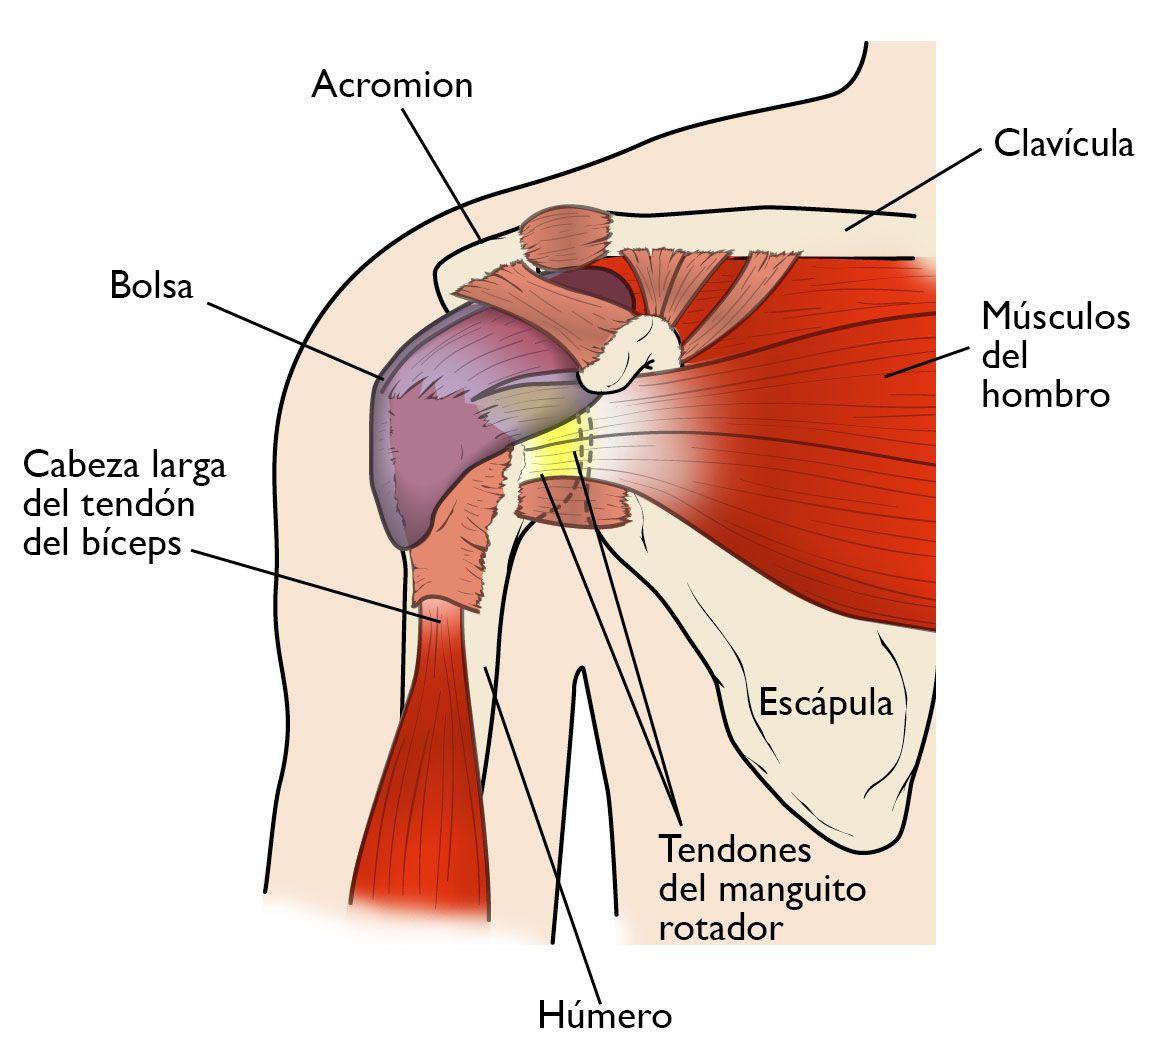 ejercicios para mejorar la flexibilidad del hombro